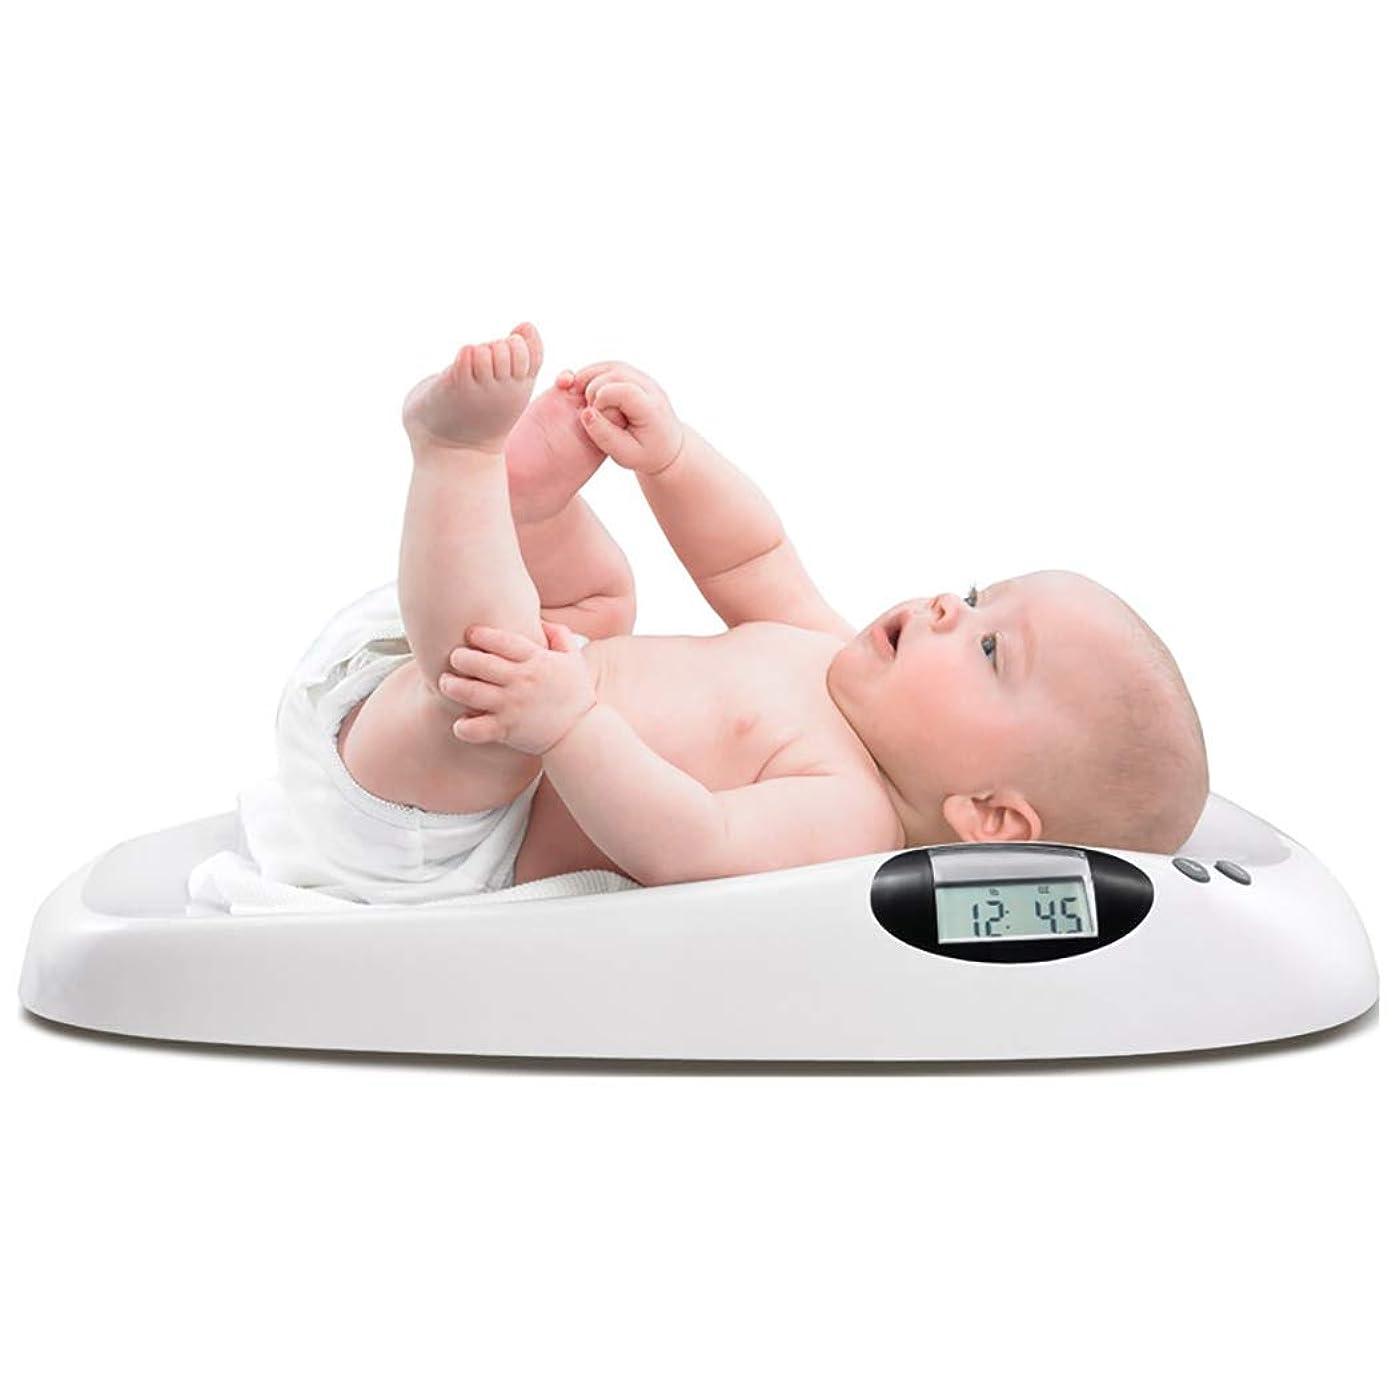 金属生ロック解除HSBAIS デジタルベビースケール、音楽付きマルチファンクションエレクトロニック新生児体重計、最大容量20 kg / 44ポンド、プレシジョン10g,white